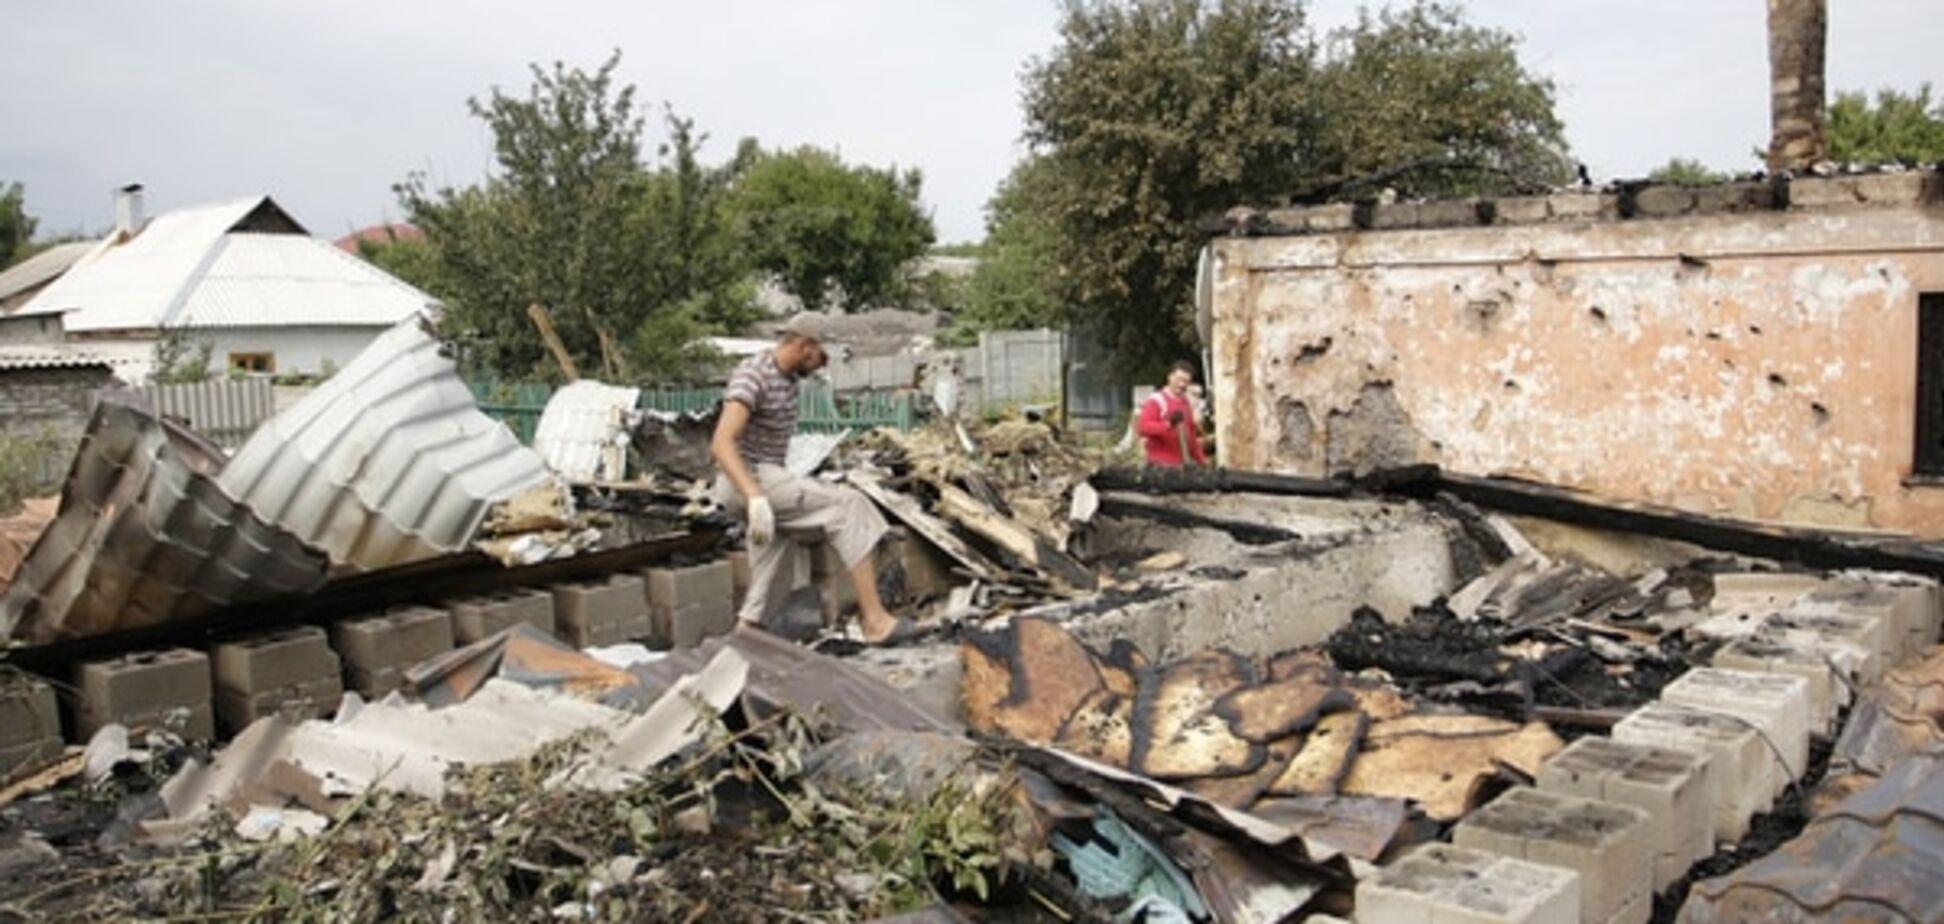 Суду в Гааге предоставили доказательства преступлений на Донбассе